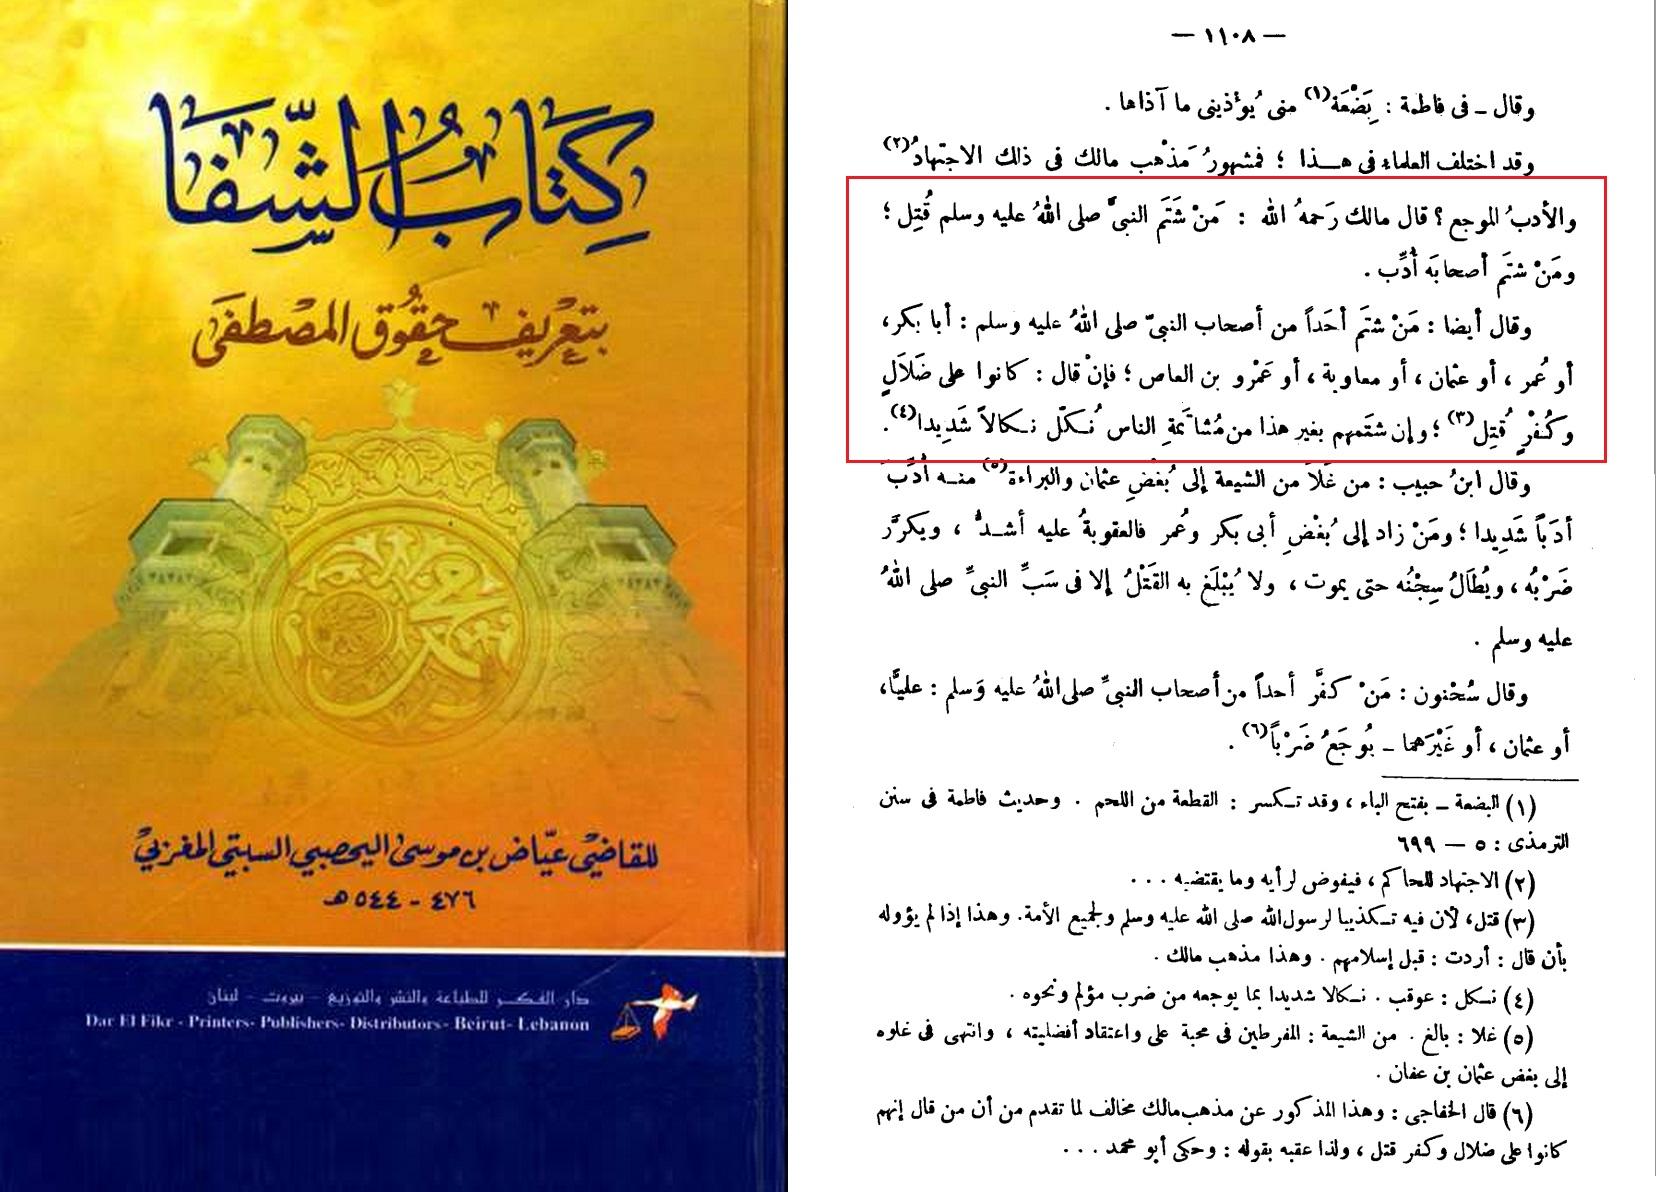 al-kitab-ush-shifa S 1108